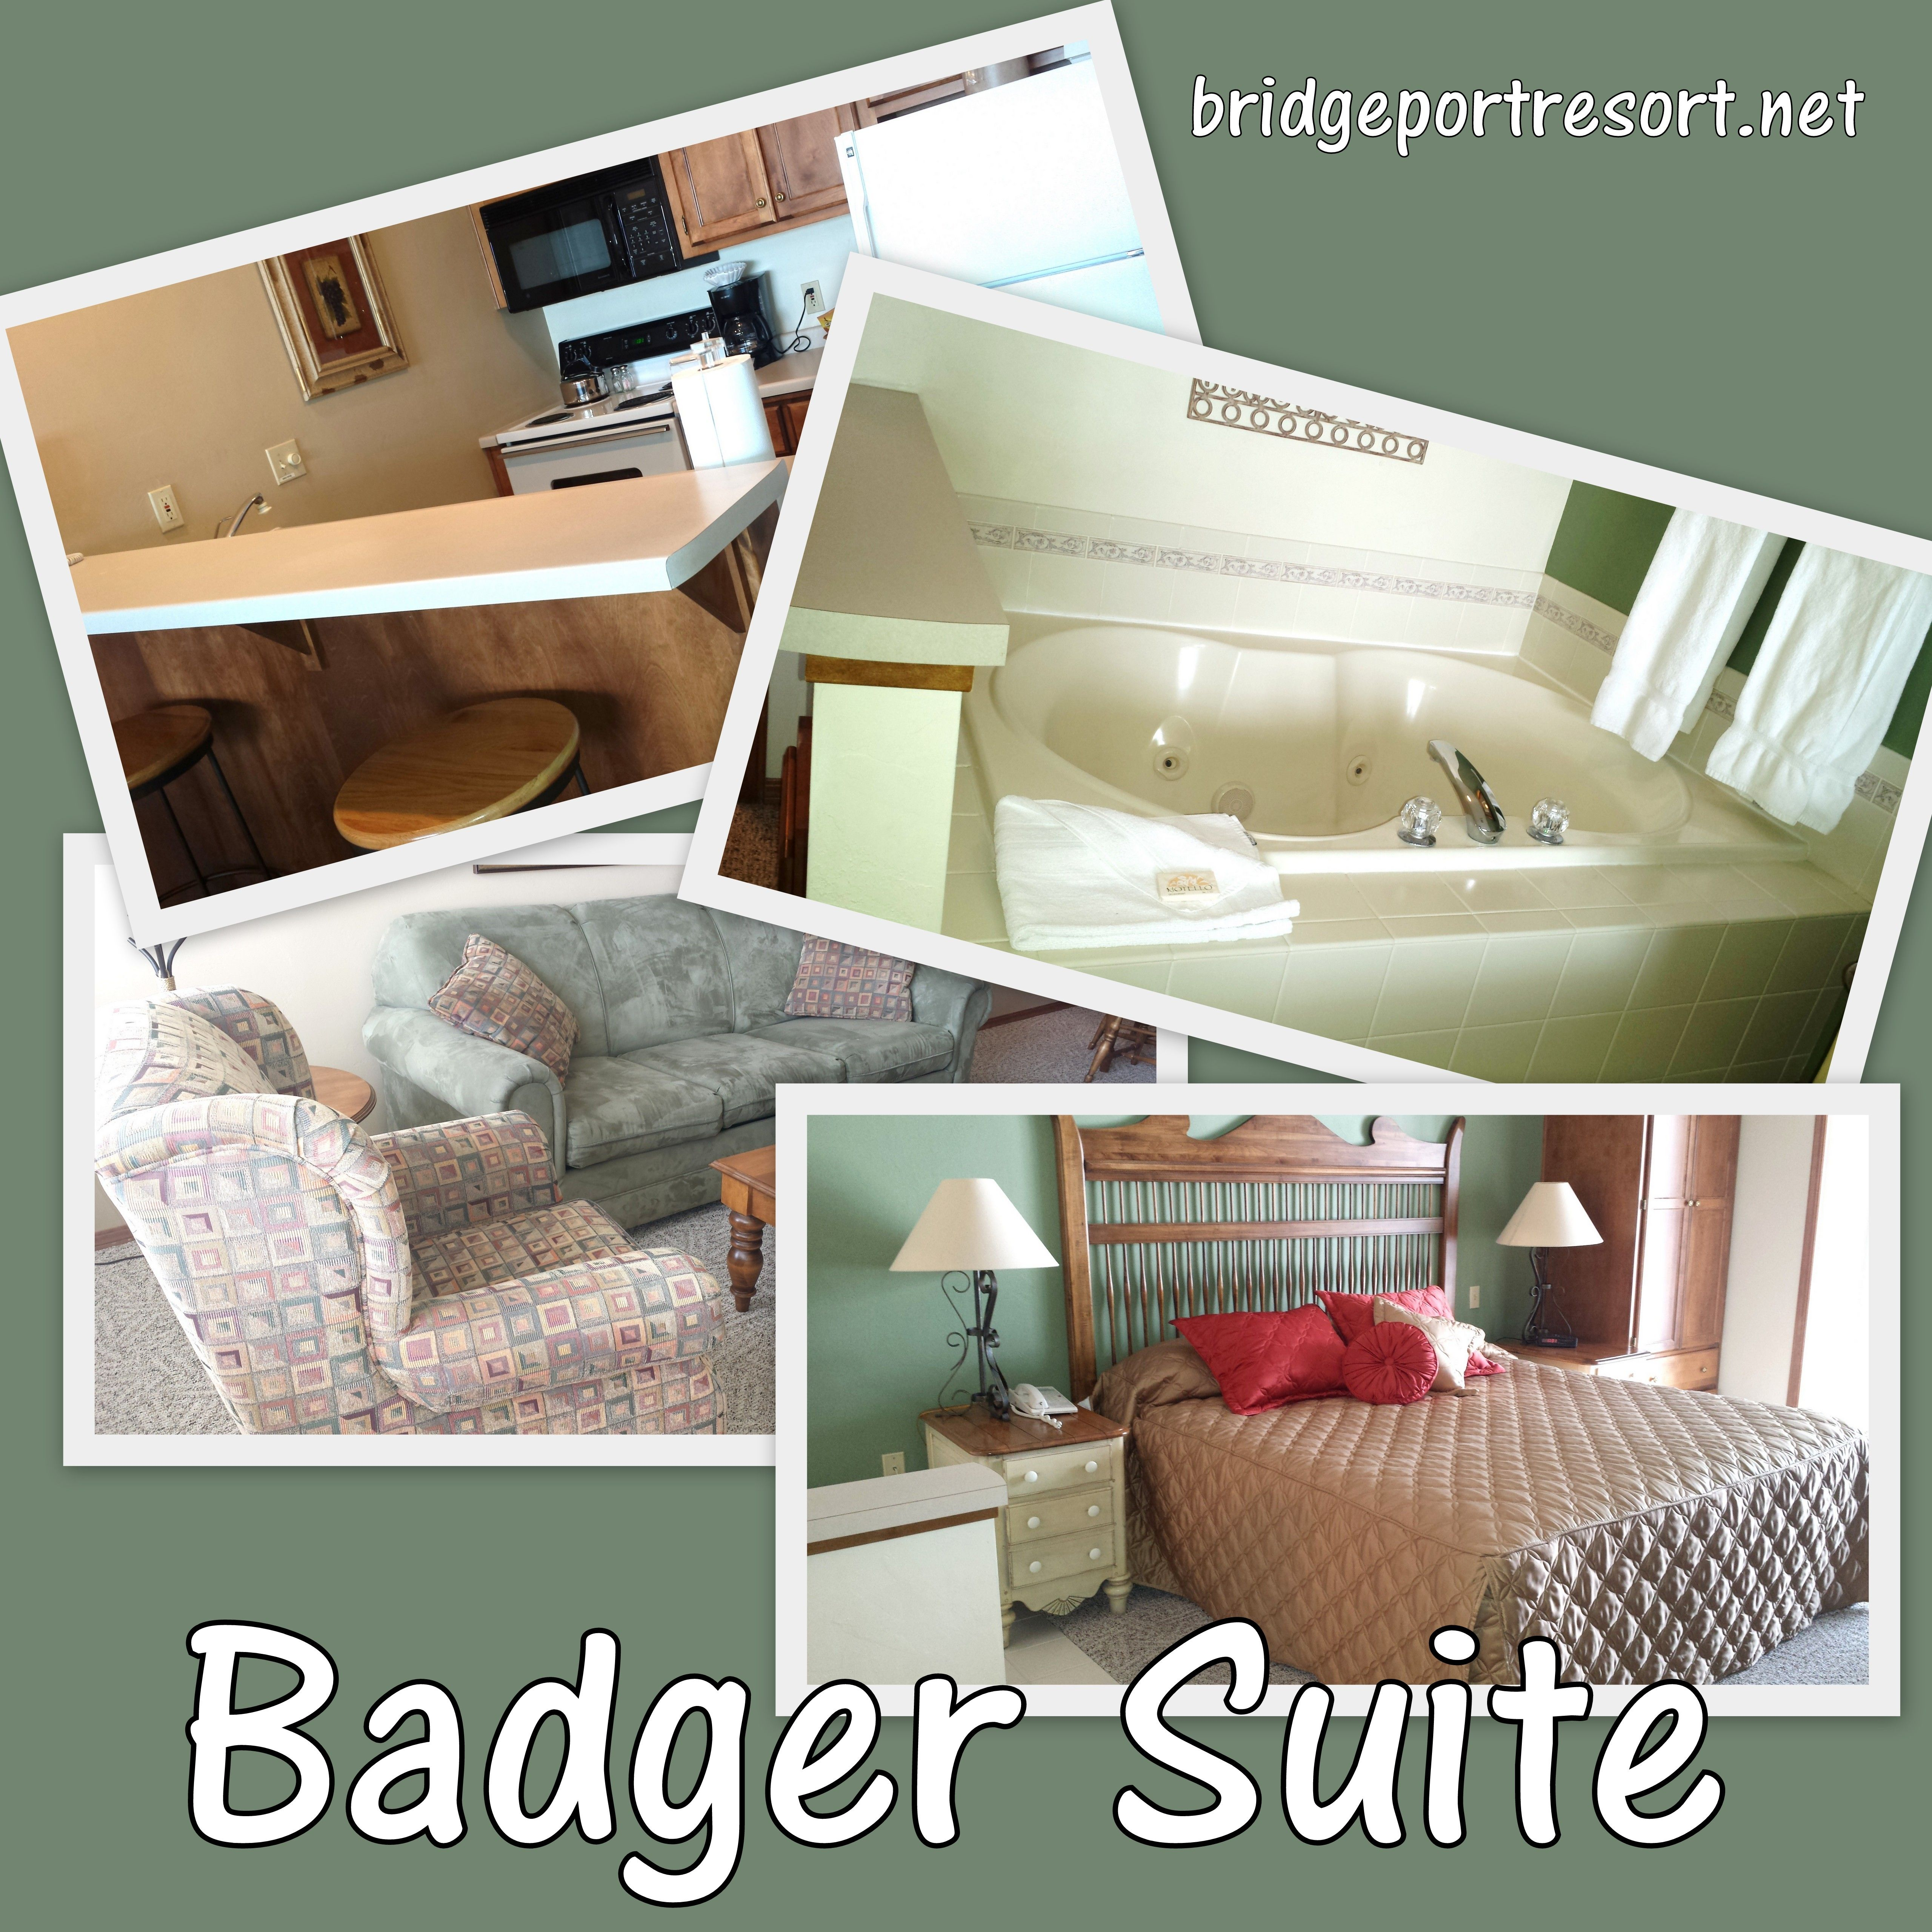 The Badger Suite at Bridgeport Resort in Door County.  sc 1 th 225 & The Badger Suite at Bridgeport Resort in Door County.   Bridgeport ...